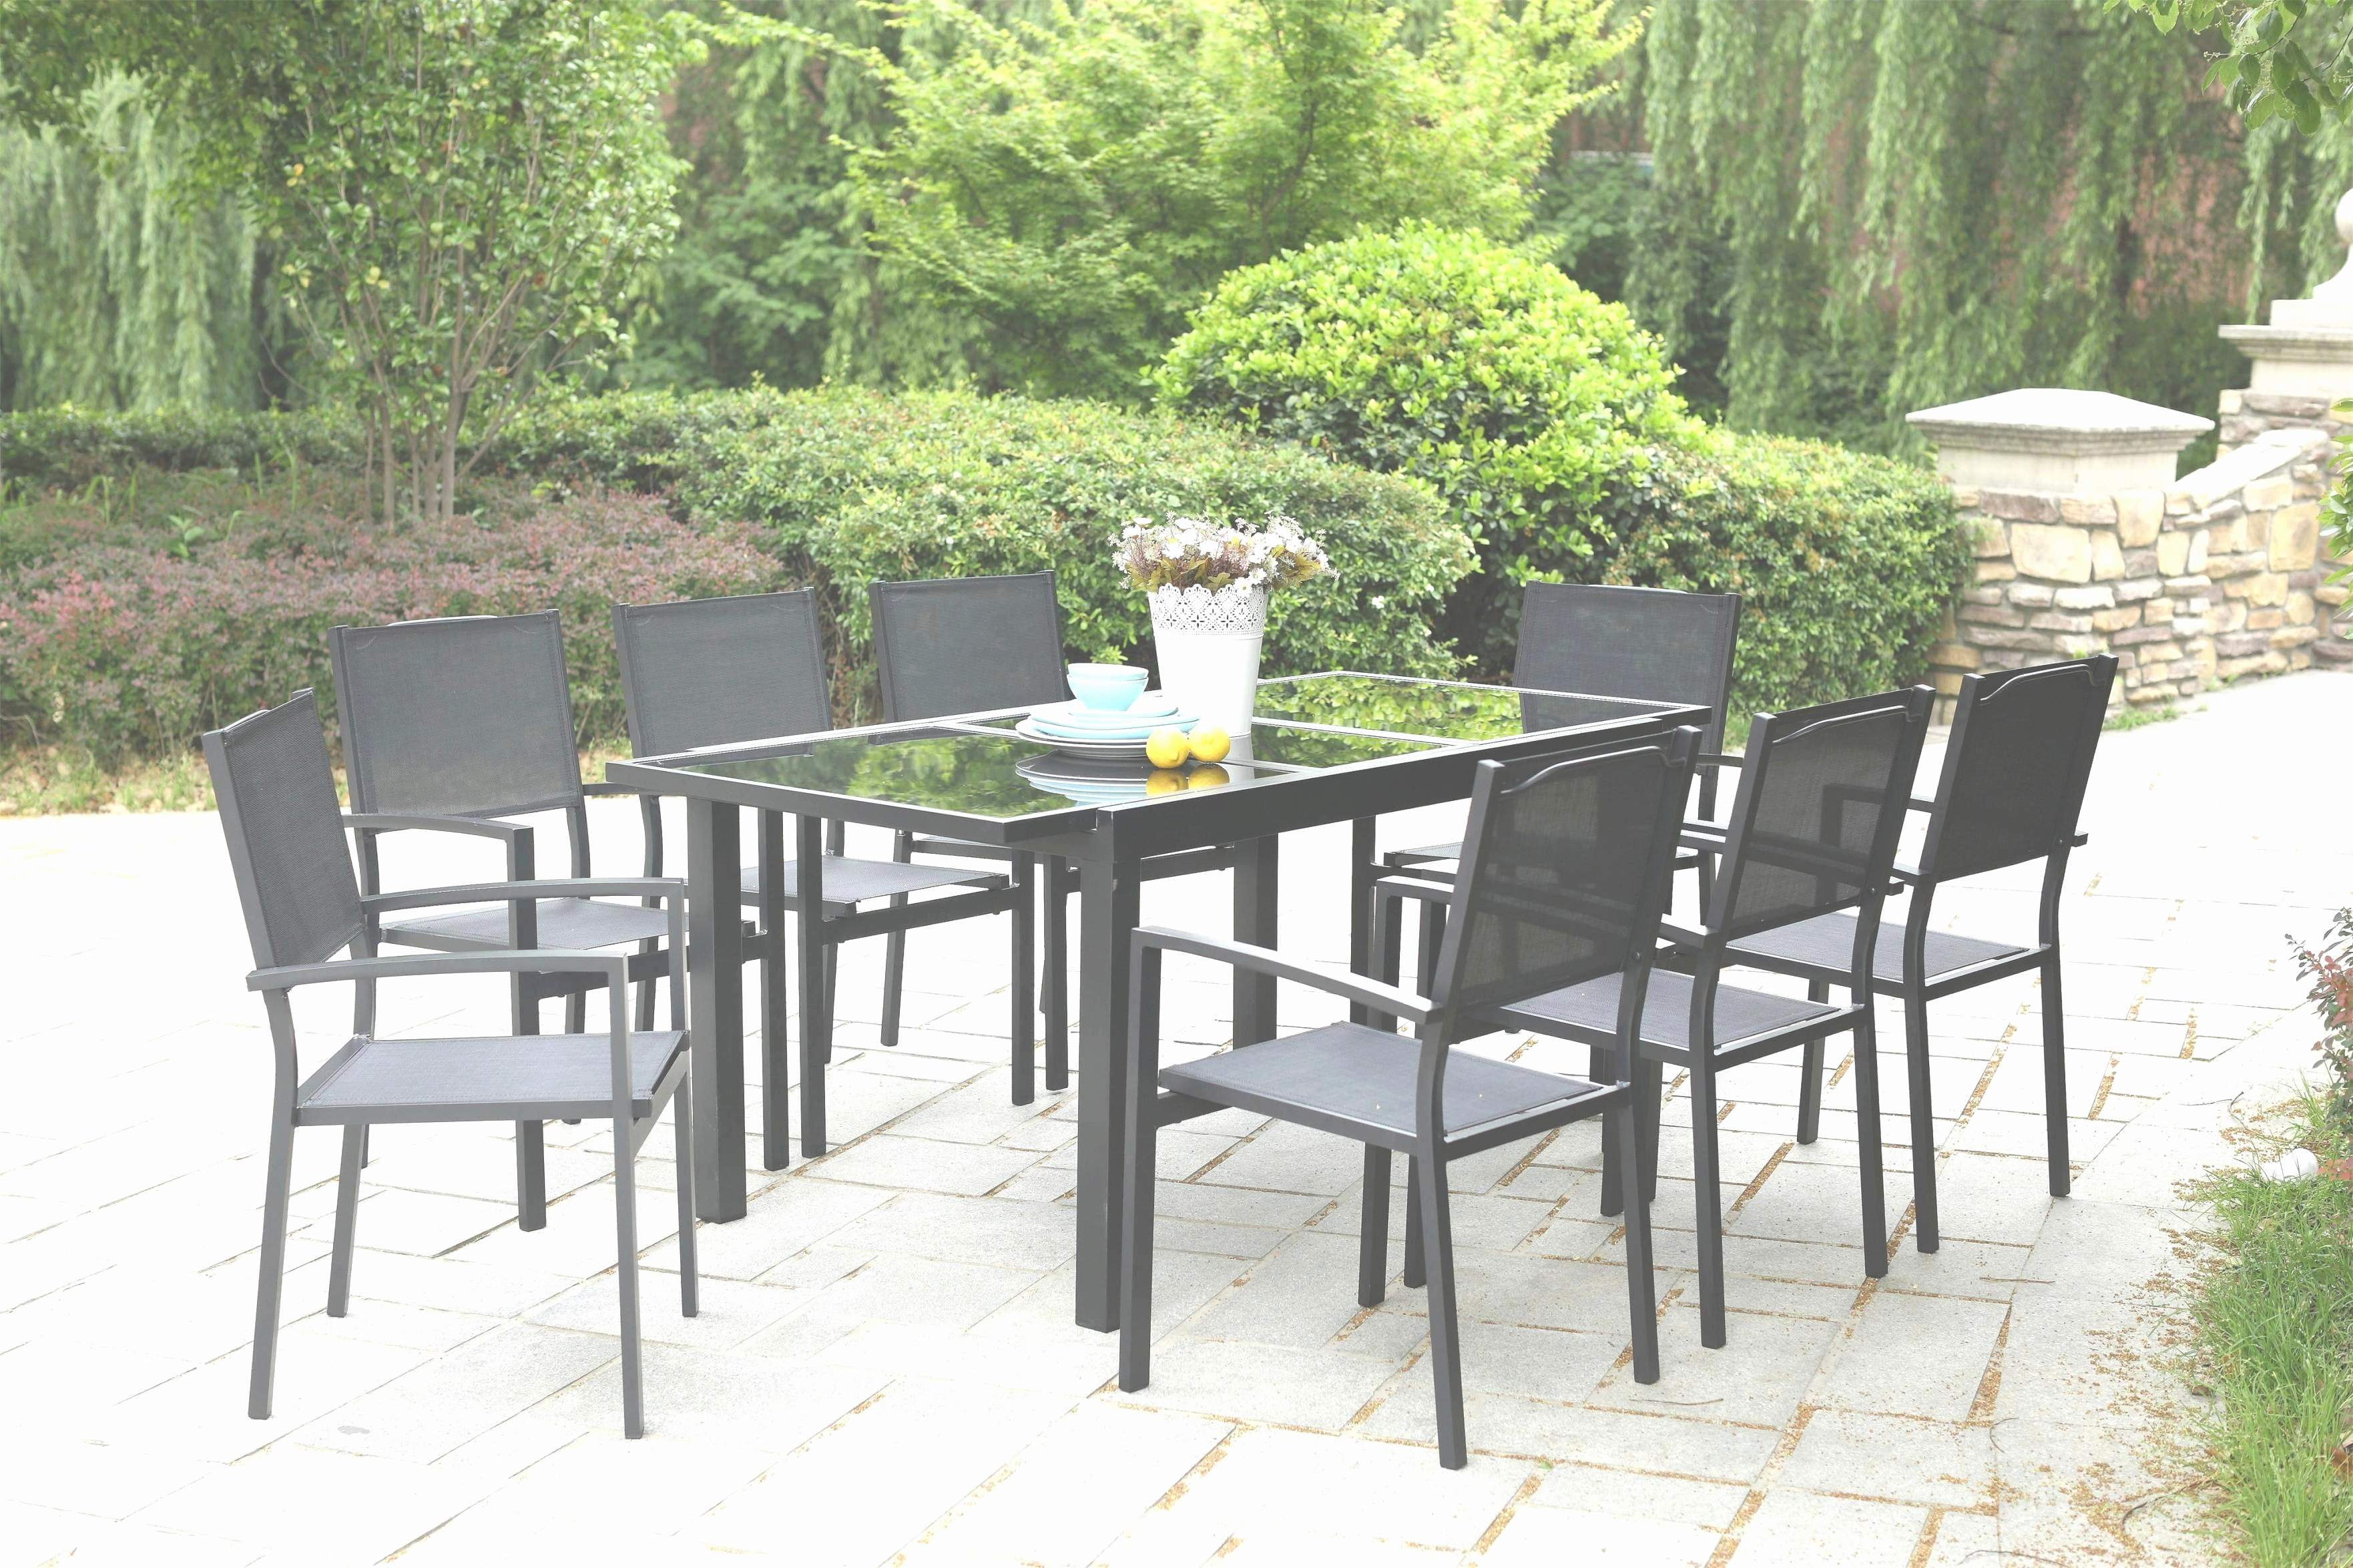 Mini Serre De Jardin Leclerc Élégant Photographie 17 Nouveau Table De Jardin Magasin Leclerc Cuisine Et Jardin